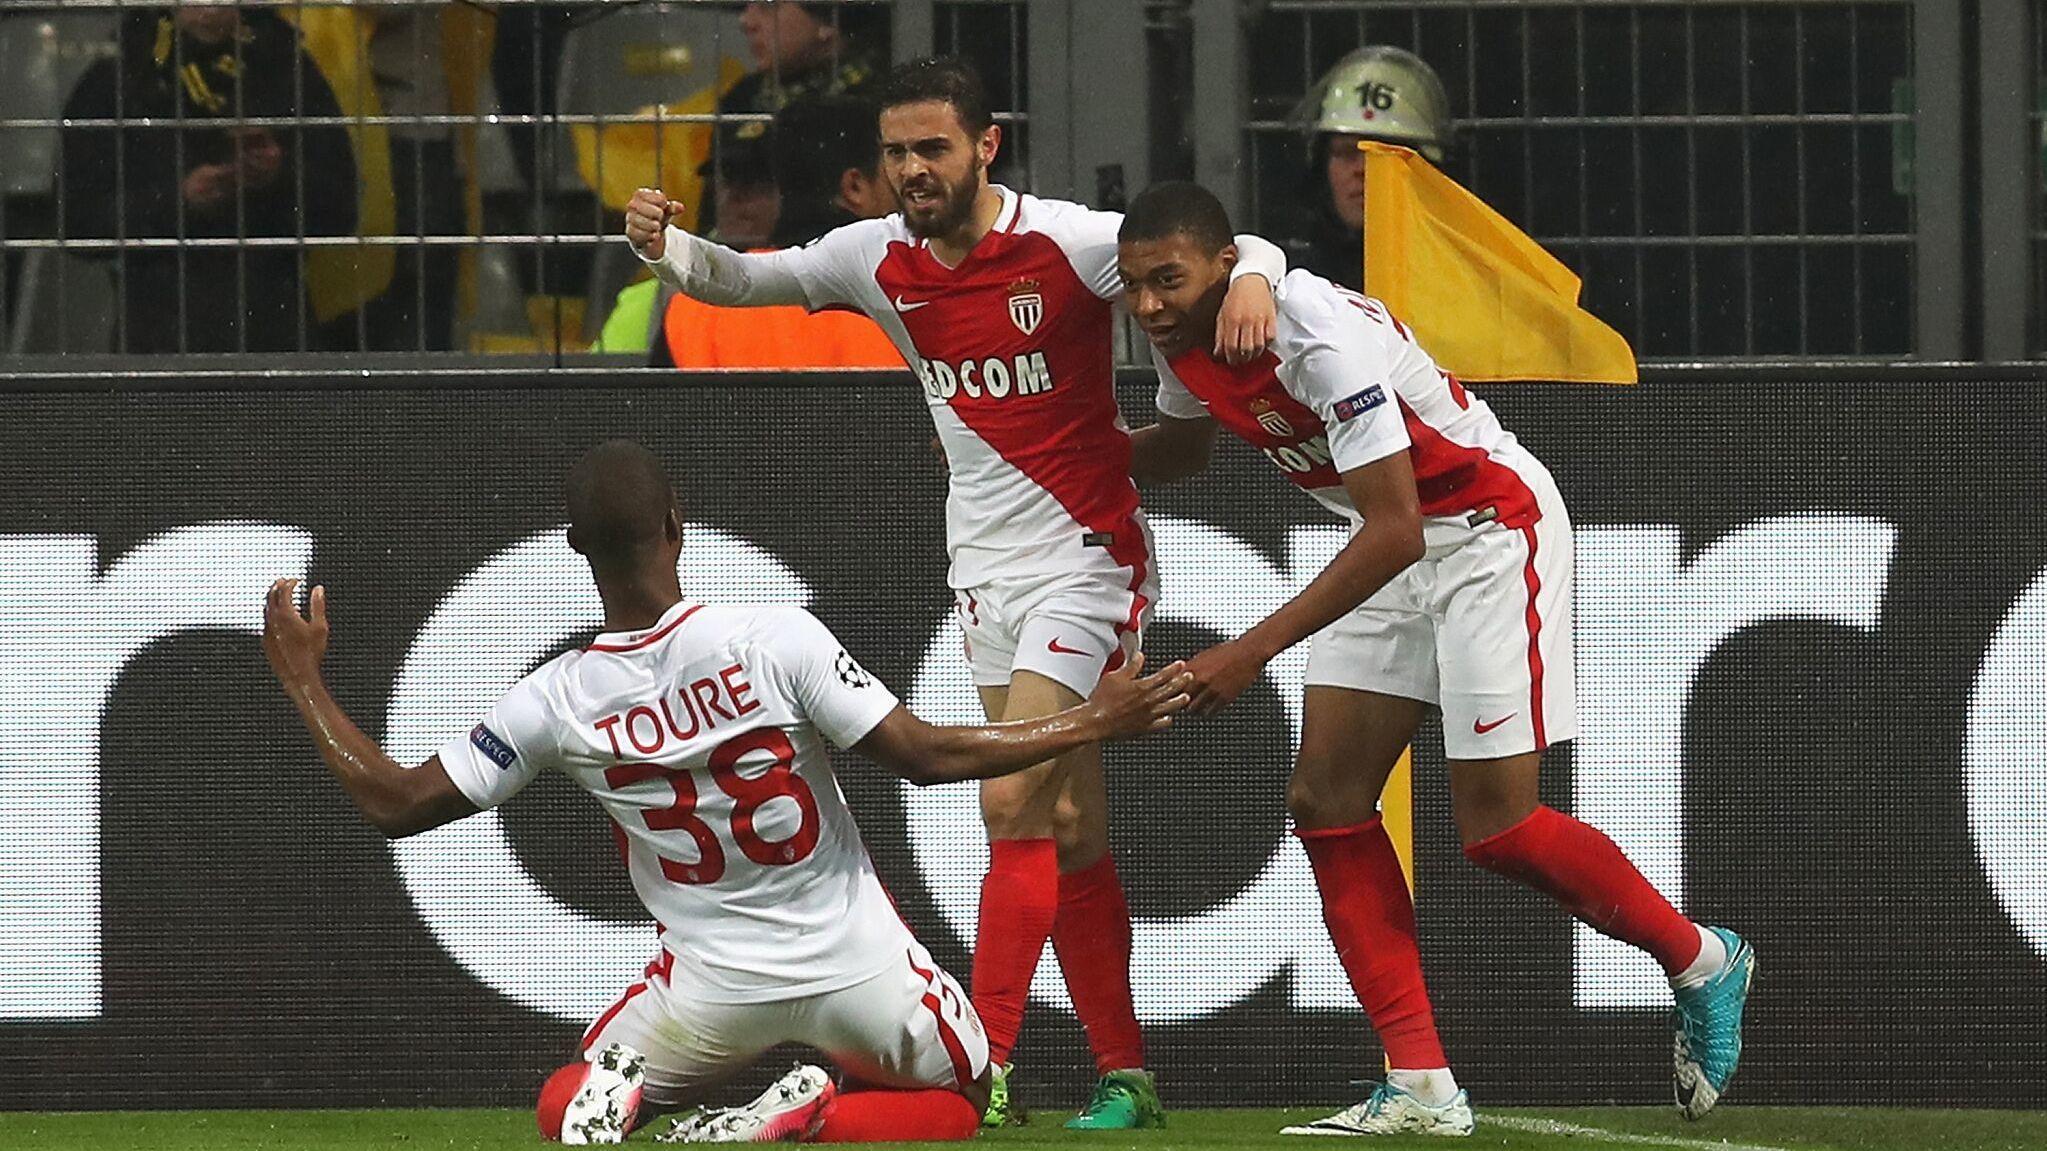 原声回放:欧冠1/4决赛首回合 多特vs摩纳哥 上半场_全景欧冠